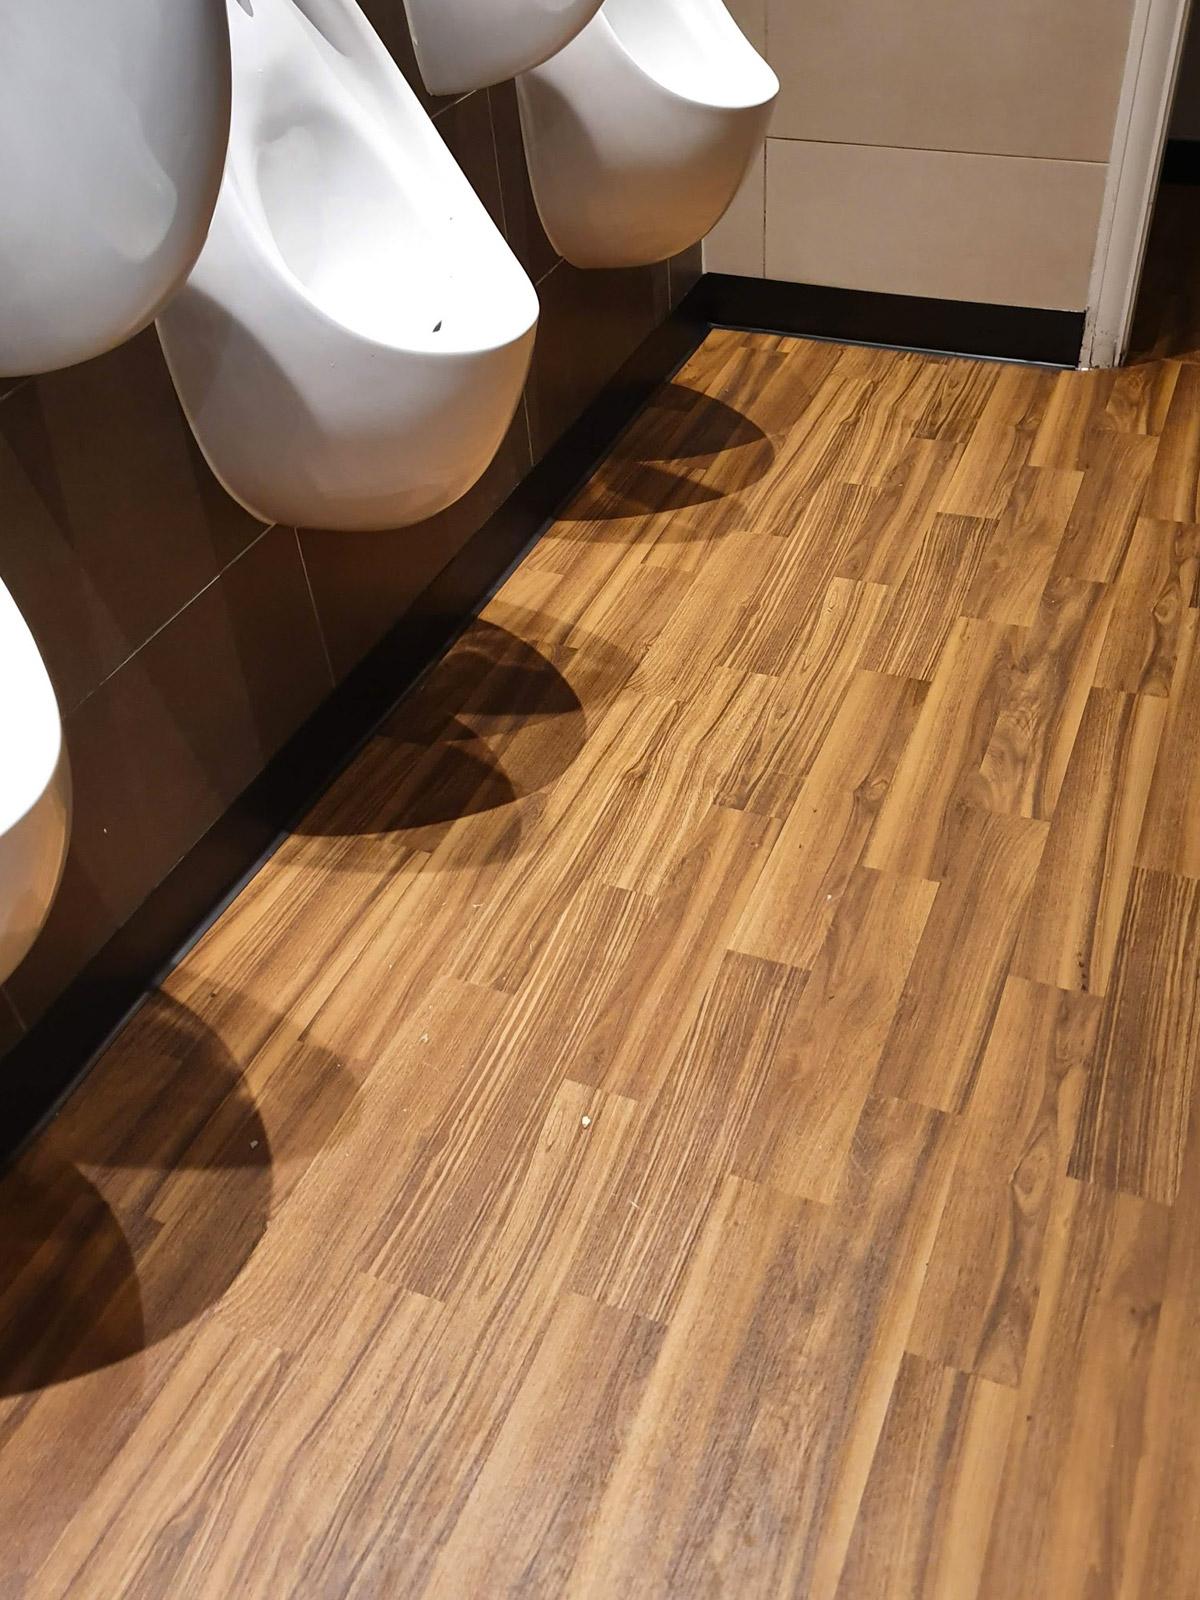 1200x1600-mn-toilet-photo